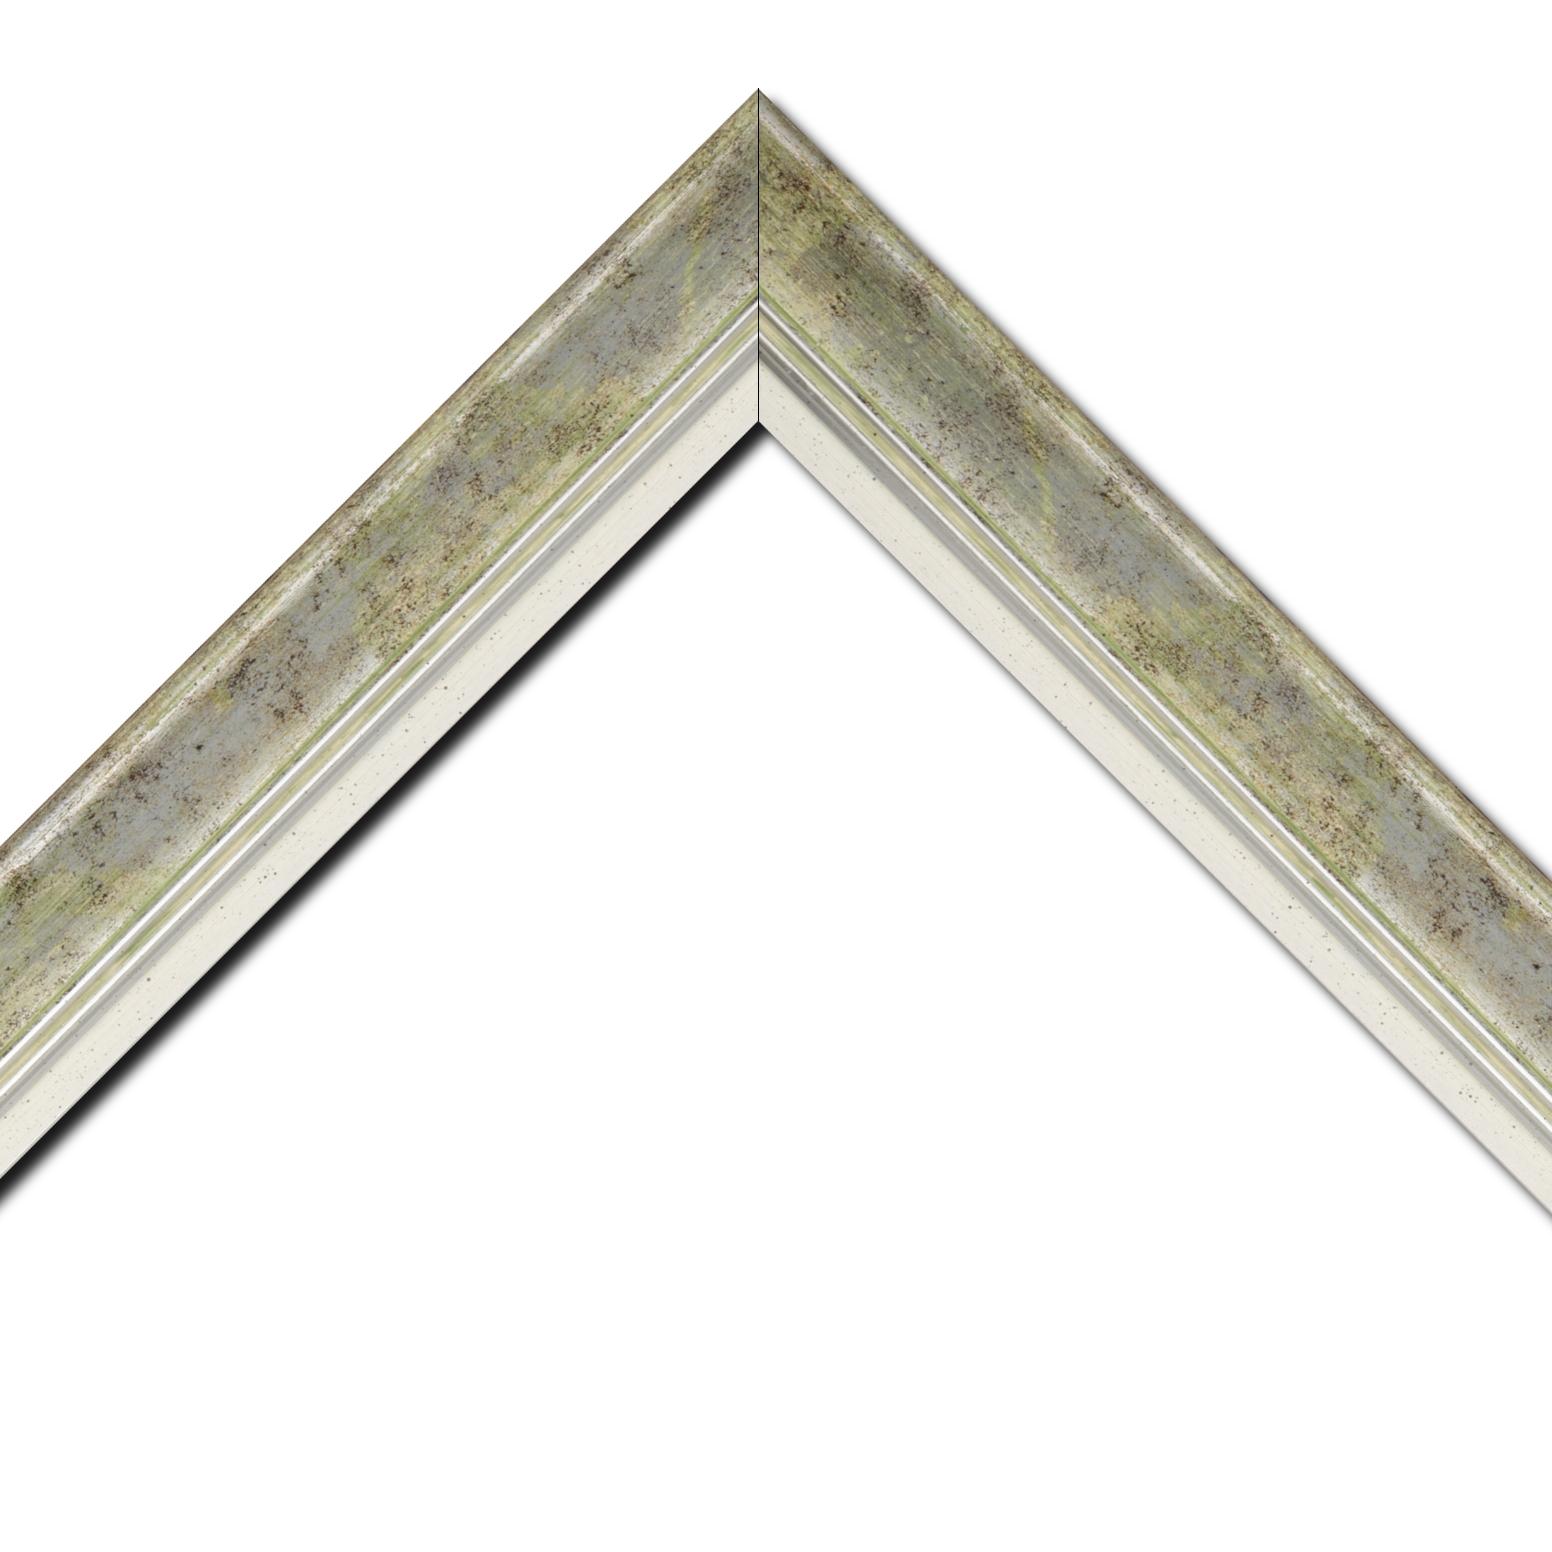 Baguette bois profil incurvé largeur 5.7cm de couleur vert fond argent marie louise blanche mouchetée filet argent intégré